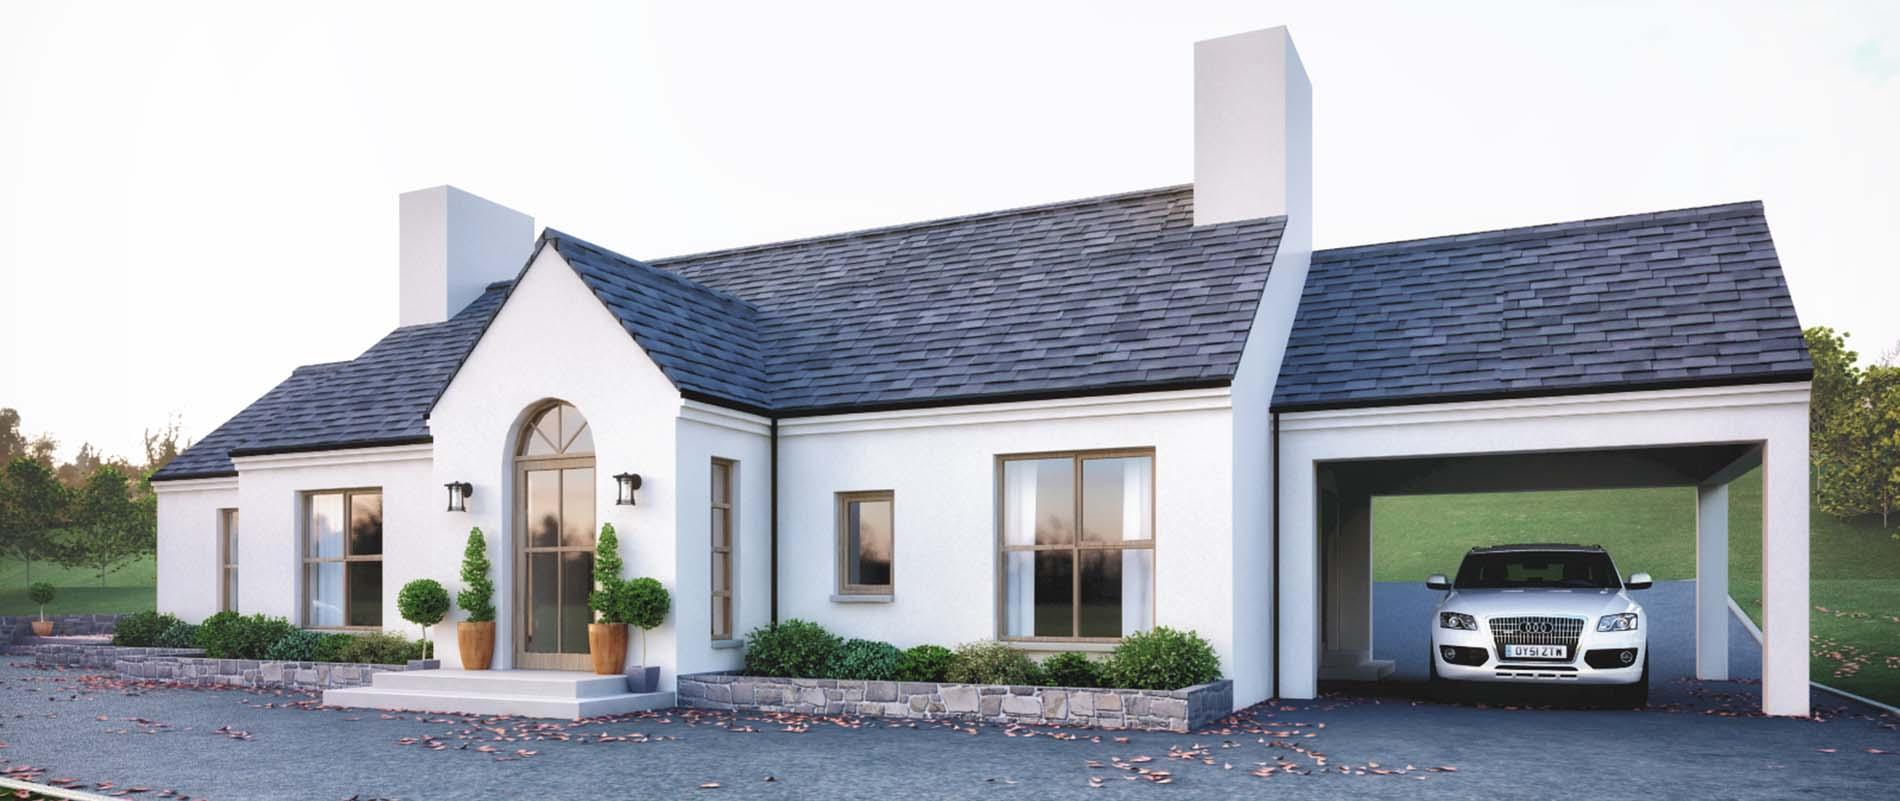 Bespoke Dwellings